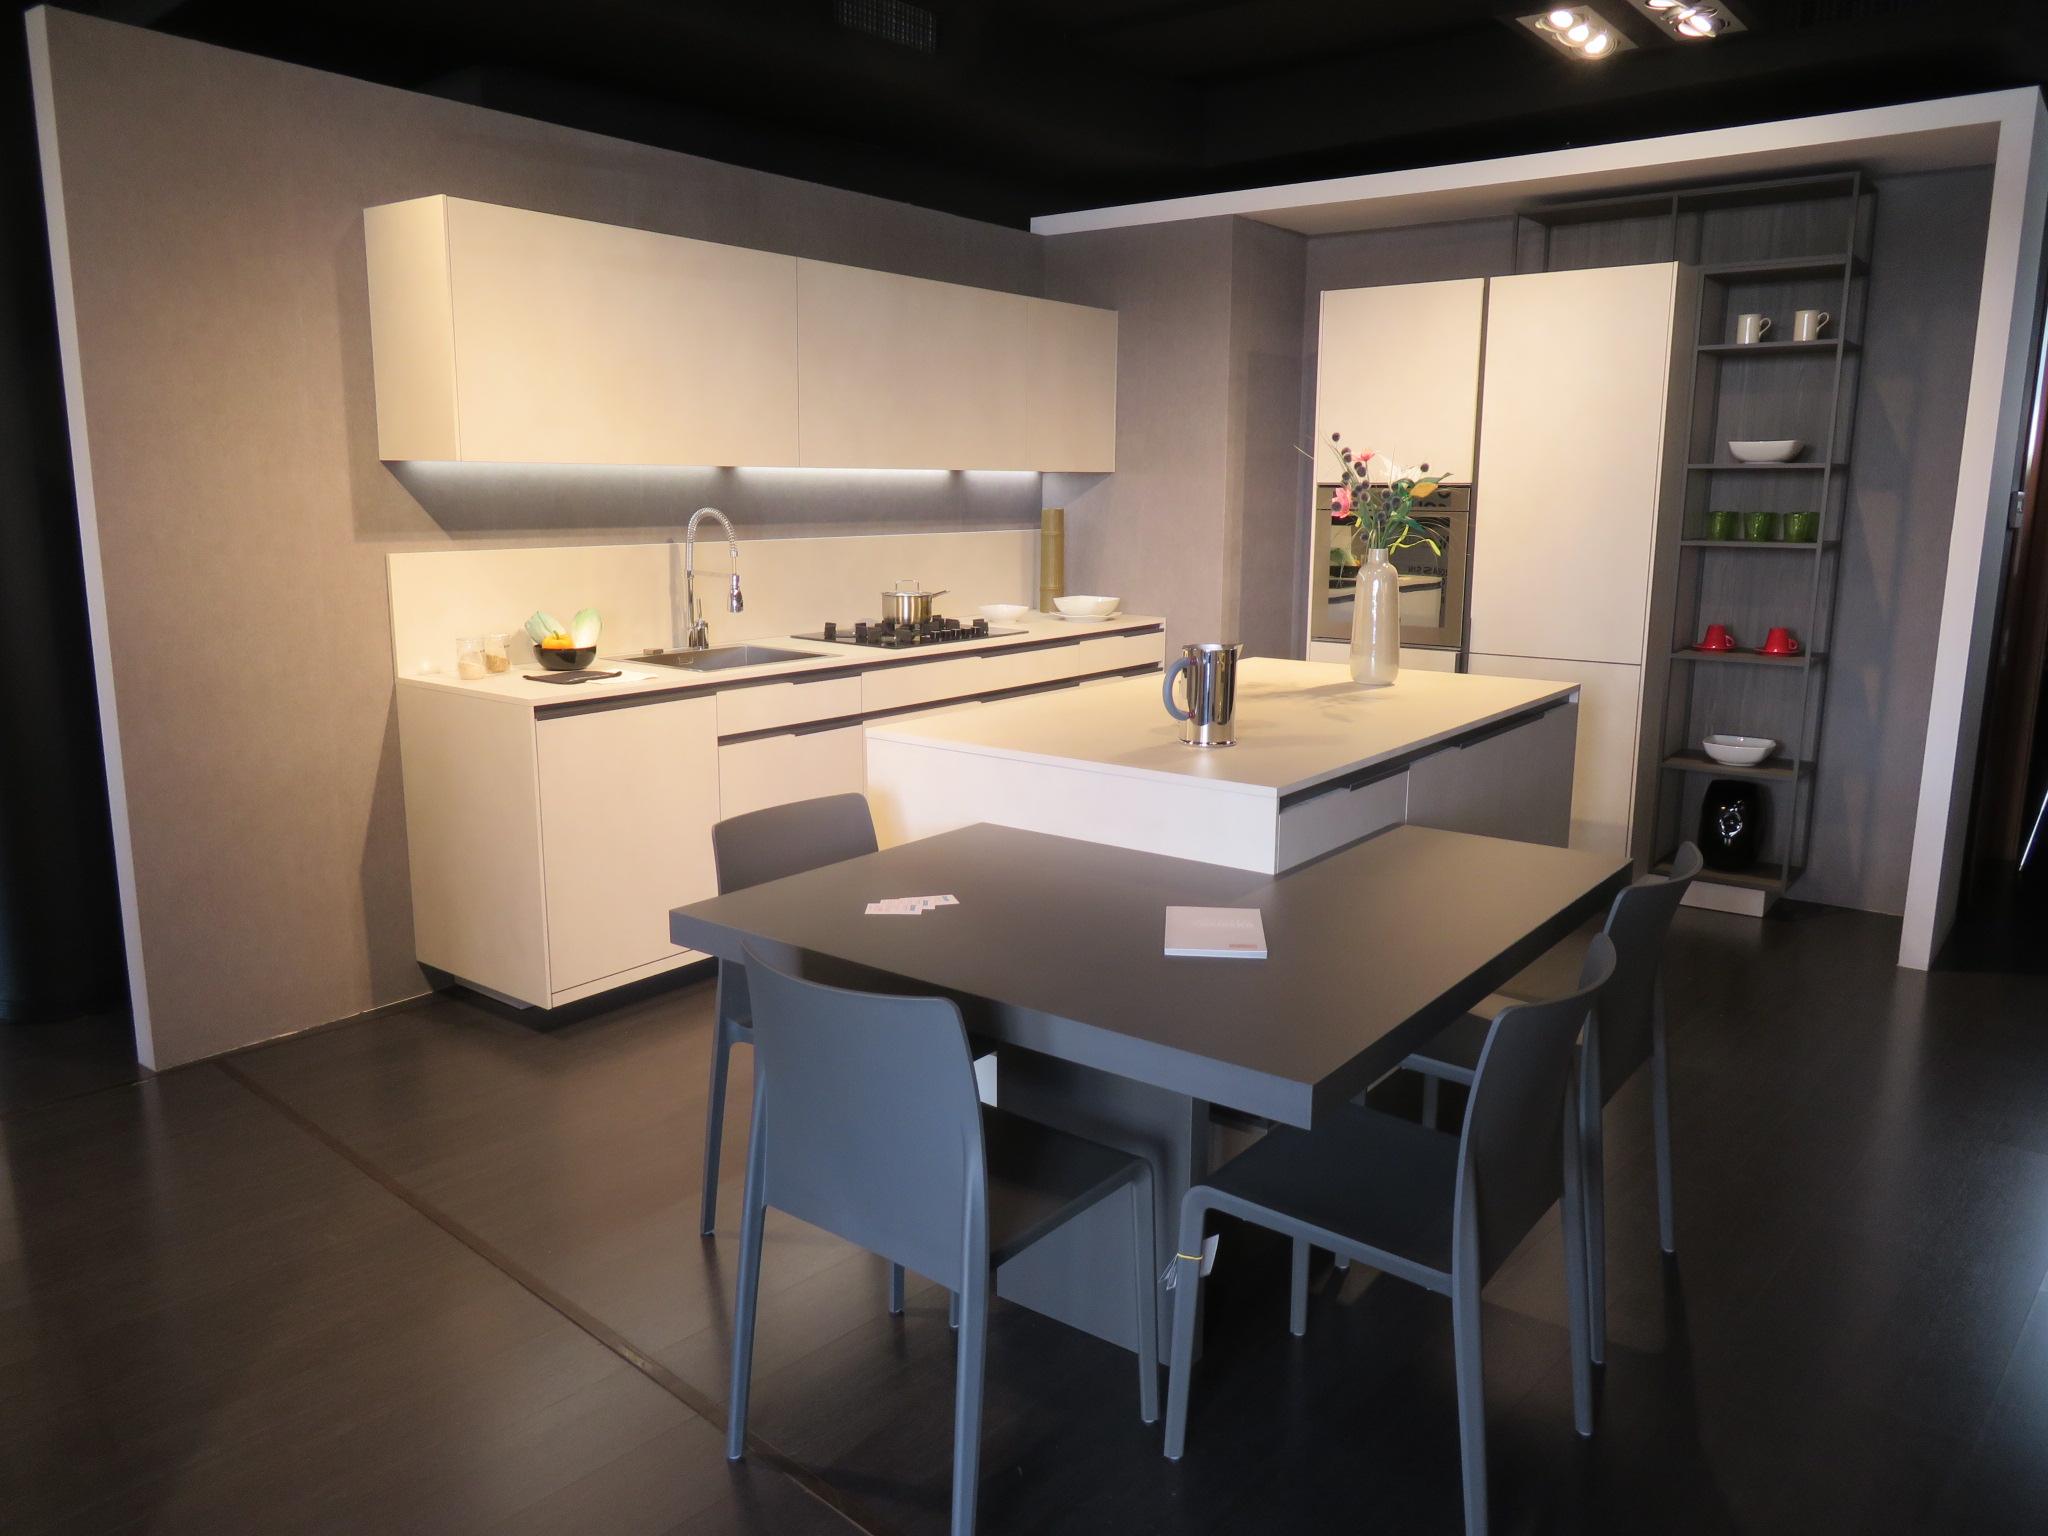 Cucina Snaidero mod. Orange evolution - Rassegna Contemporanei d\'Arredo